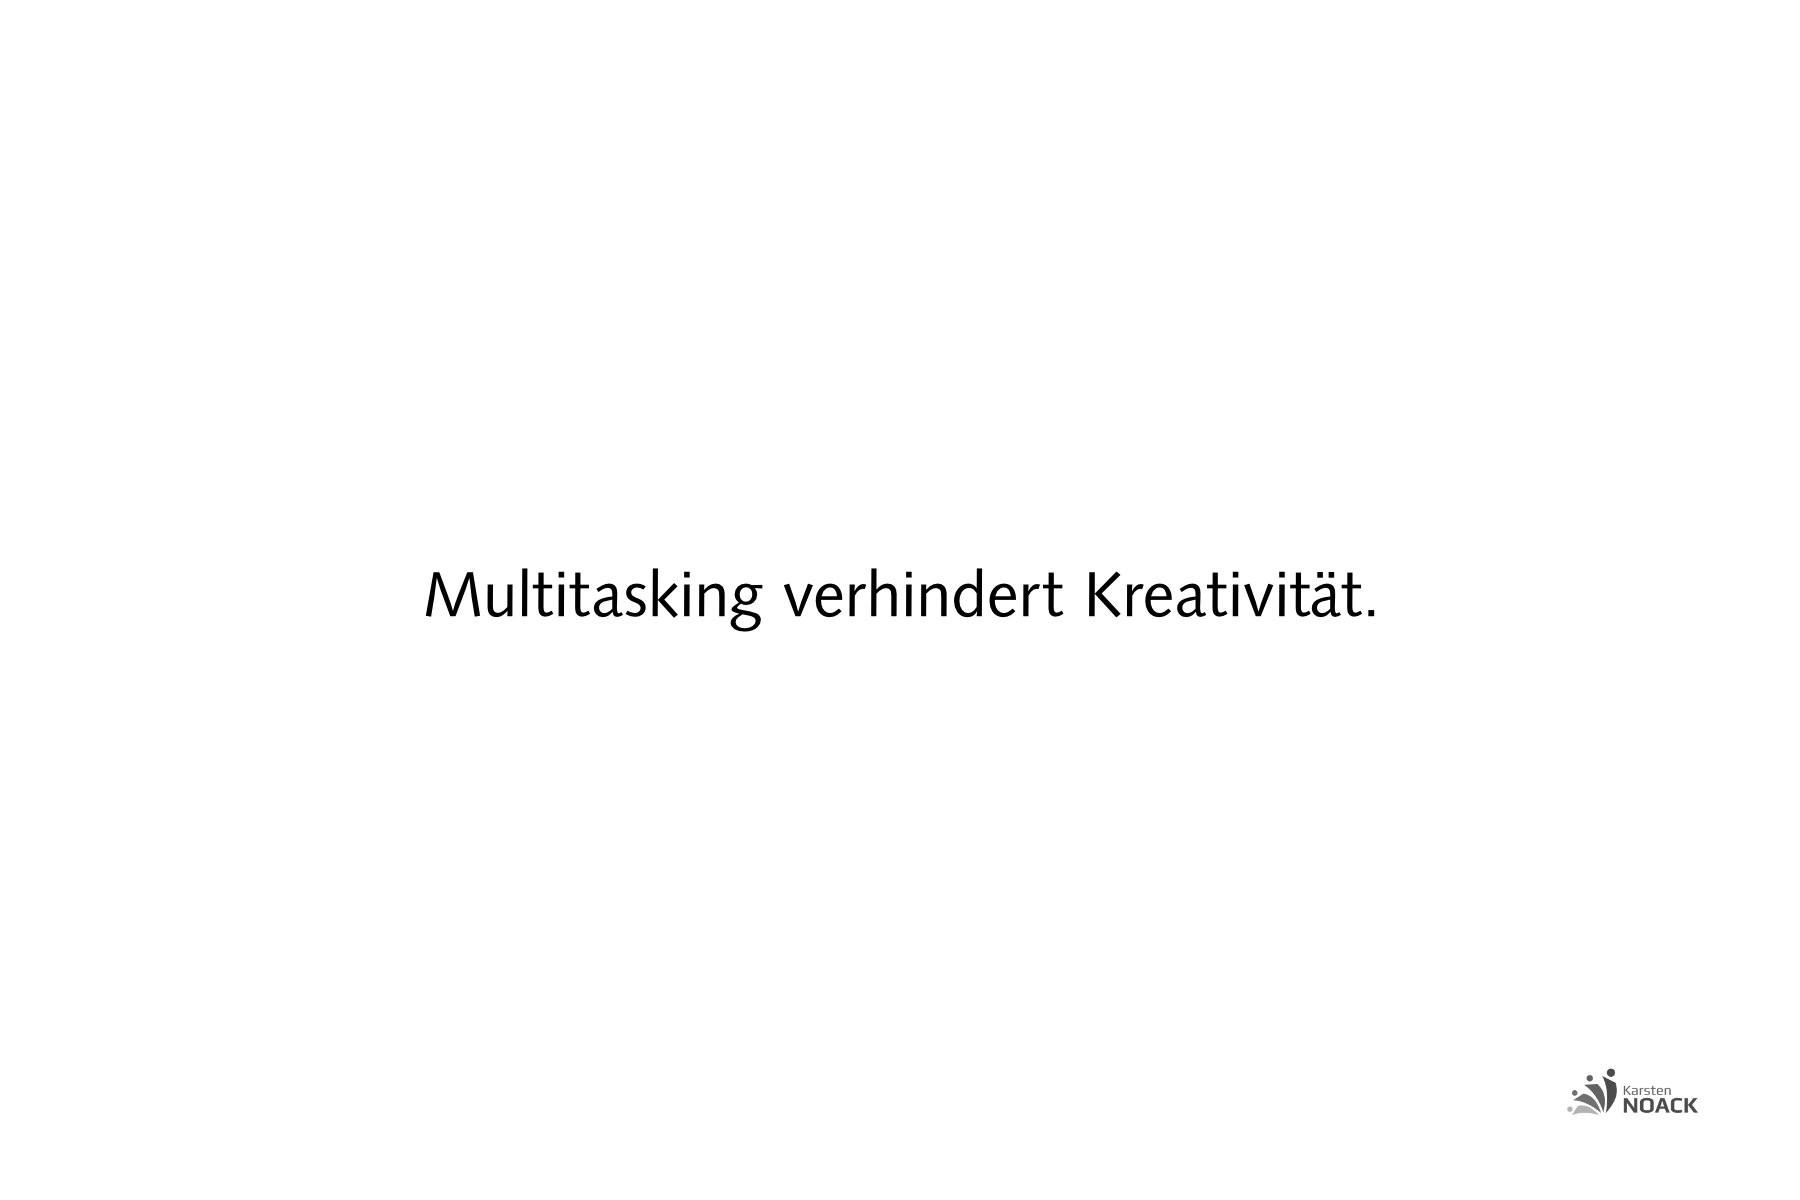 Multitasking ist die Vernichtung von Kreativität.